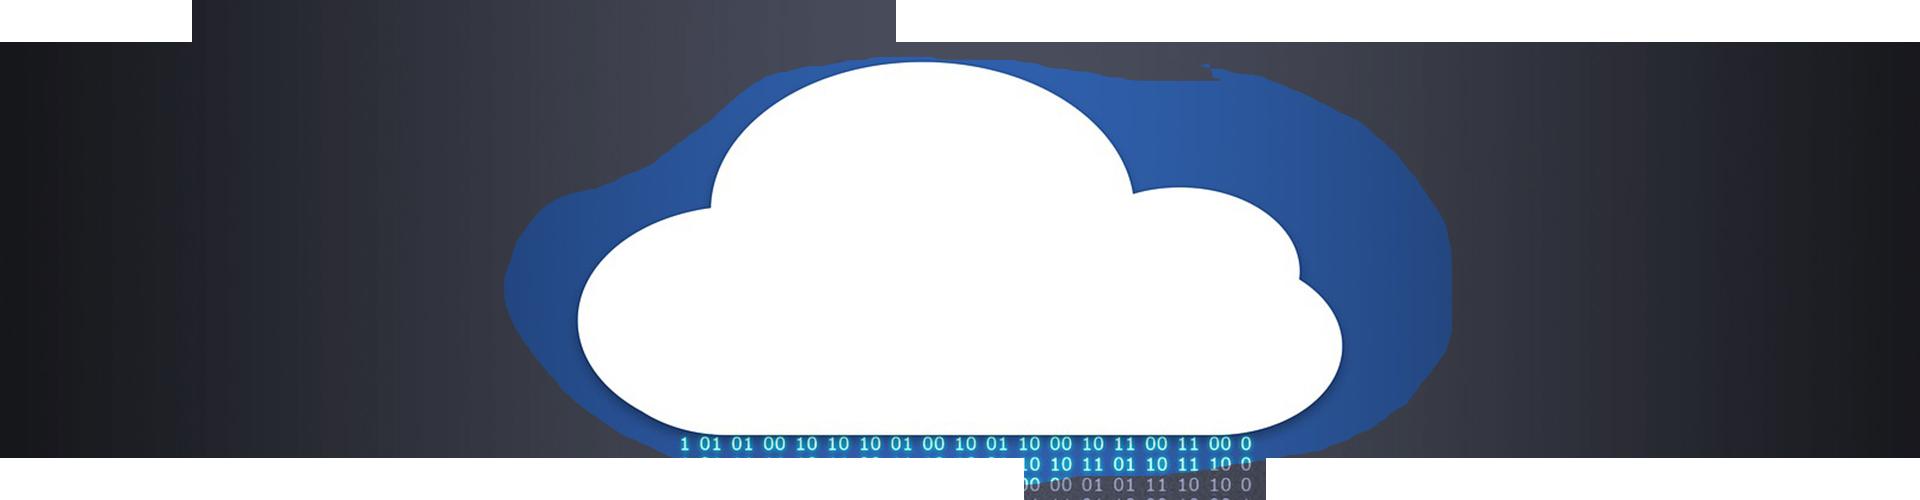 Plataforma eLearning en la nube, ¿o en local, qué es lo mejor?